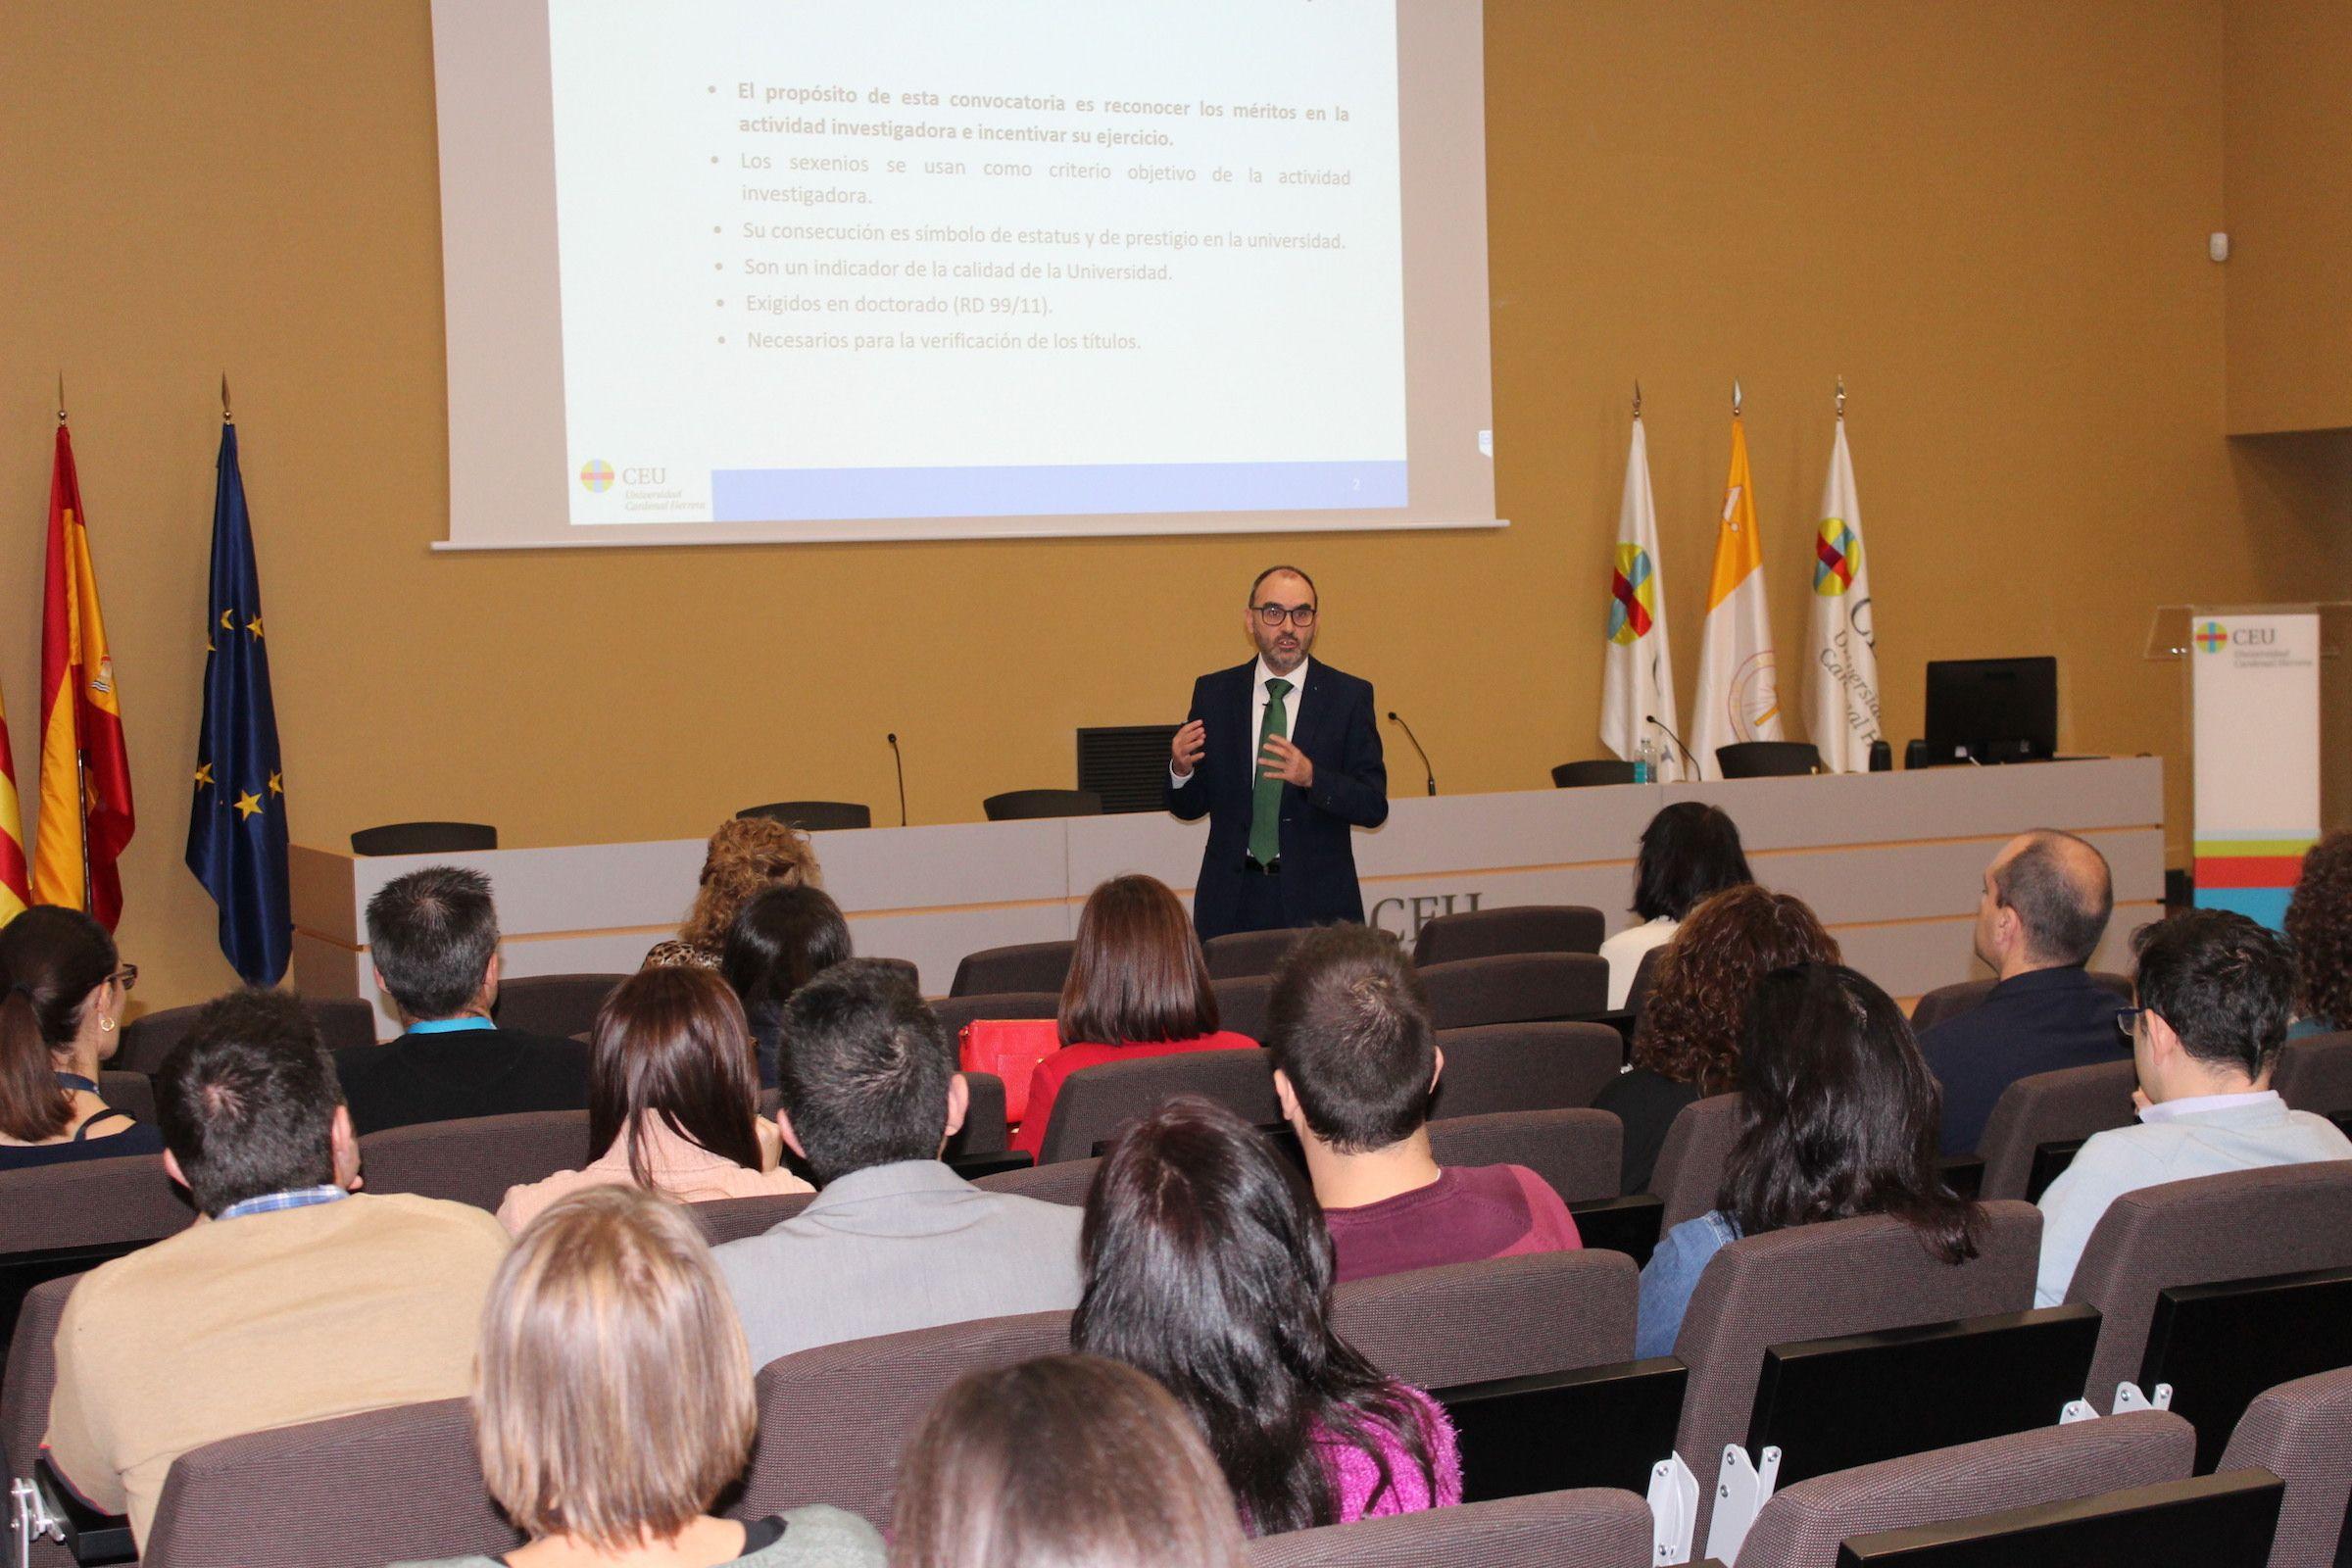 El vicerrector de Investigación, Ignacio Pérez, durante la reunión informativa sobre la evaluación de la actividad investigadora.